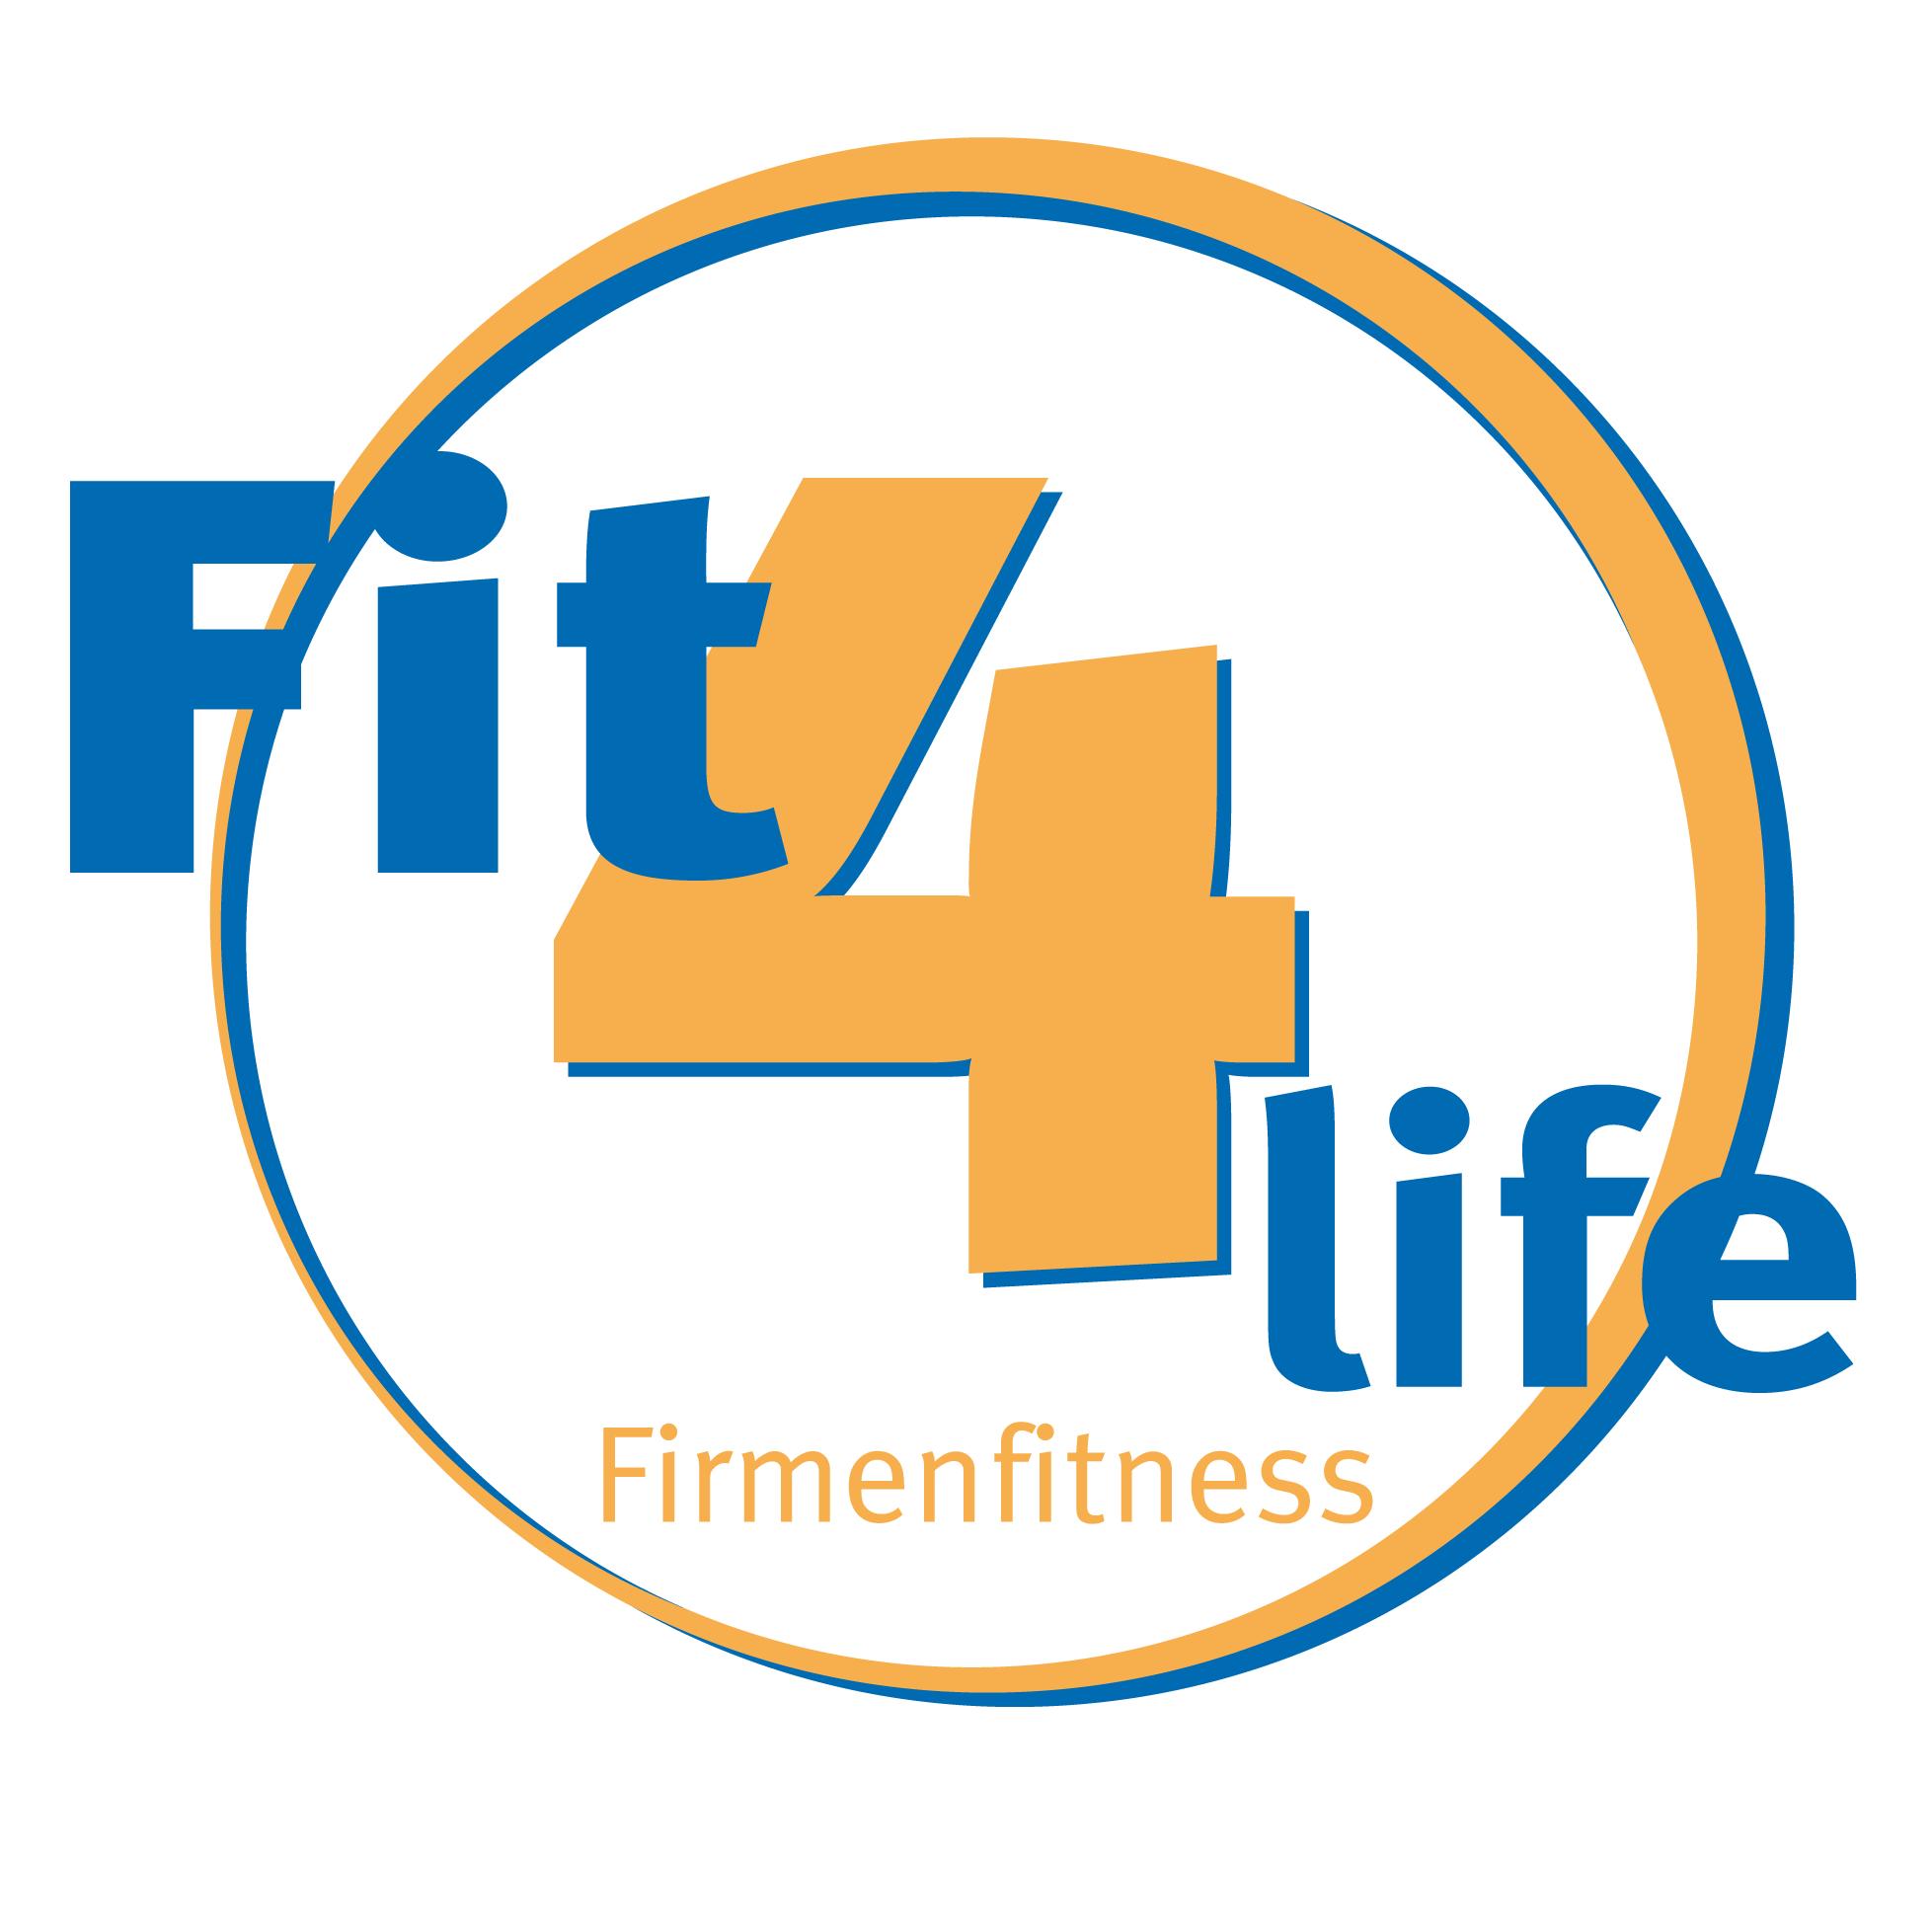 Bildergebnis für fit4life firmenfitness